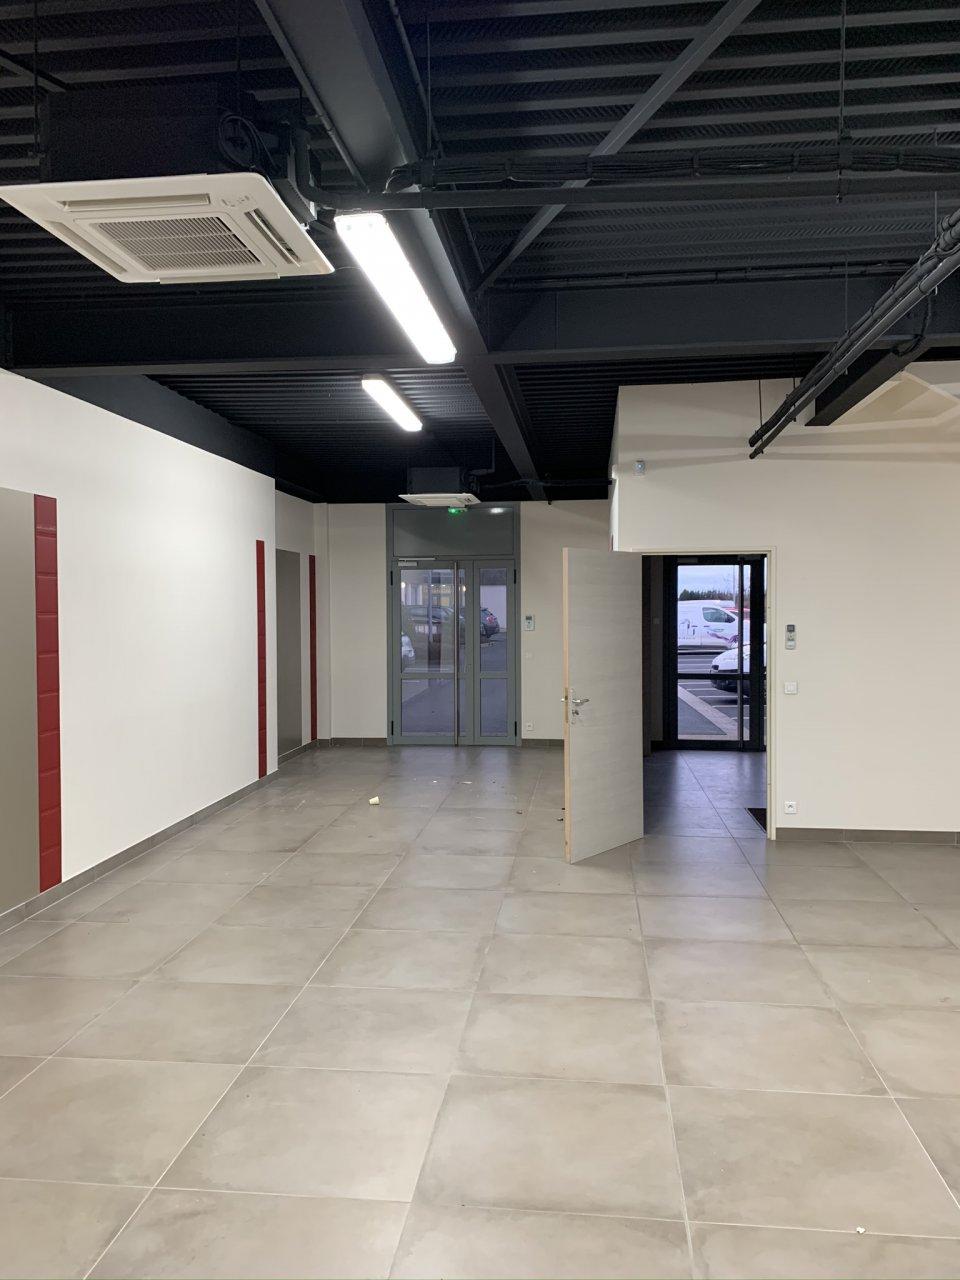 Local d'activité à louer - 130.0 m2 - 77 - Seine-et-Marne